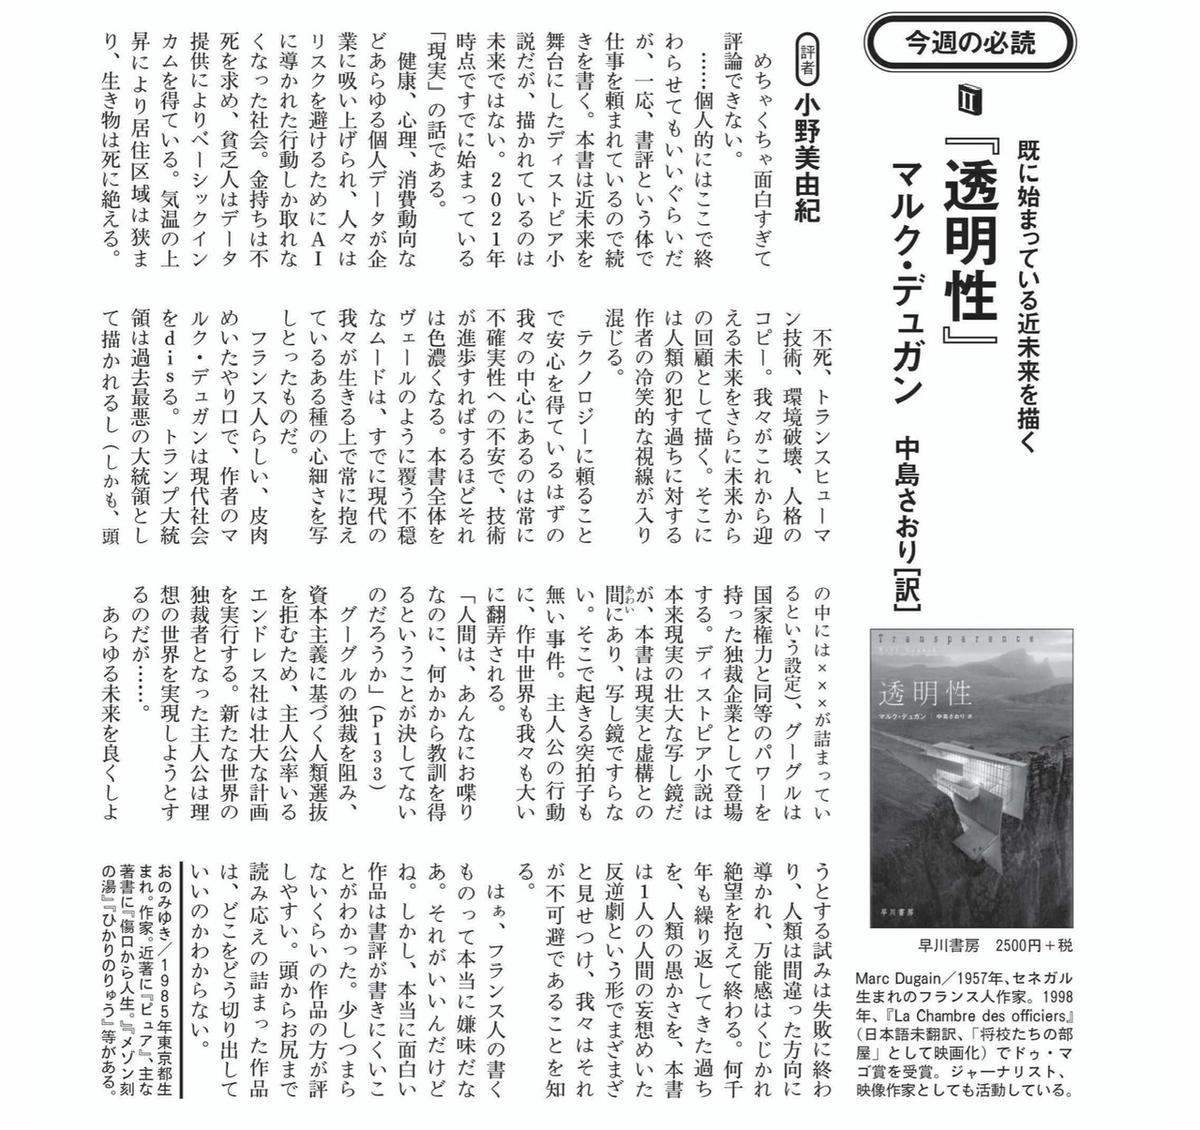 f:id:yujiro-1:20210116053137j:plain